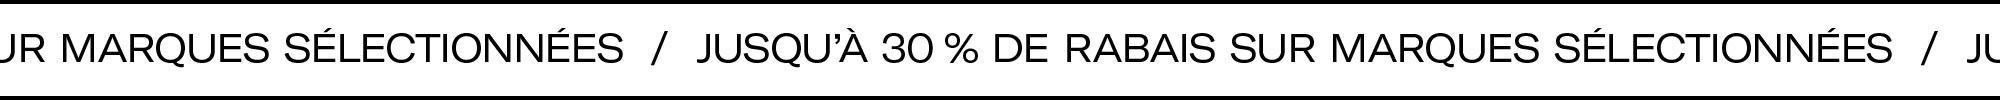 Jusqu'à 30 % de rabais sur marques sélectionnées